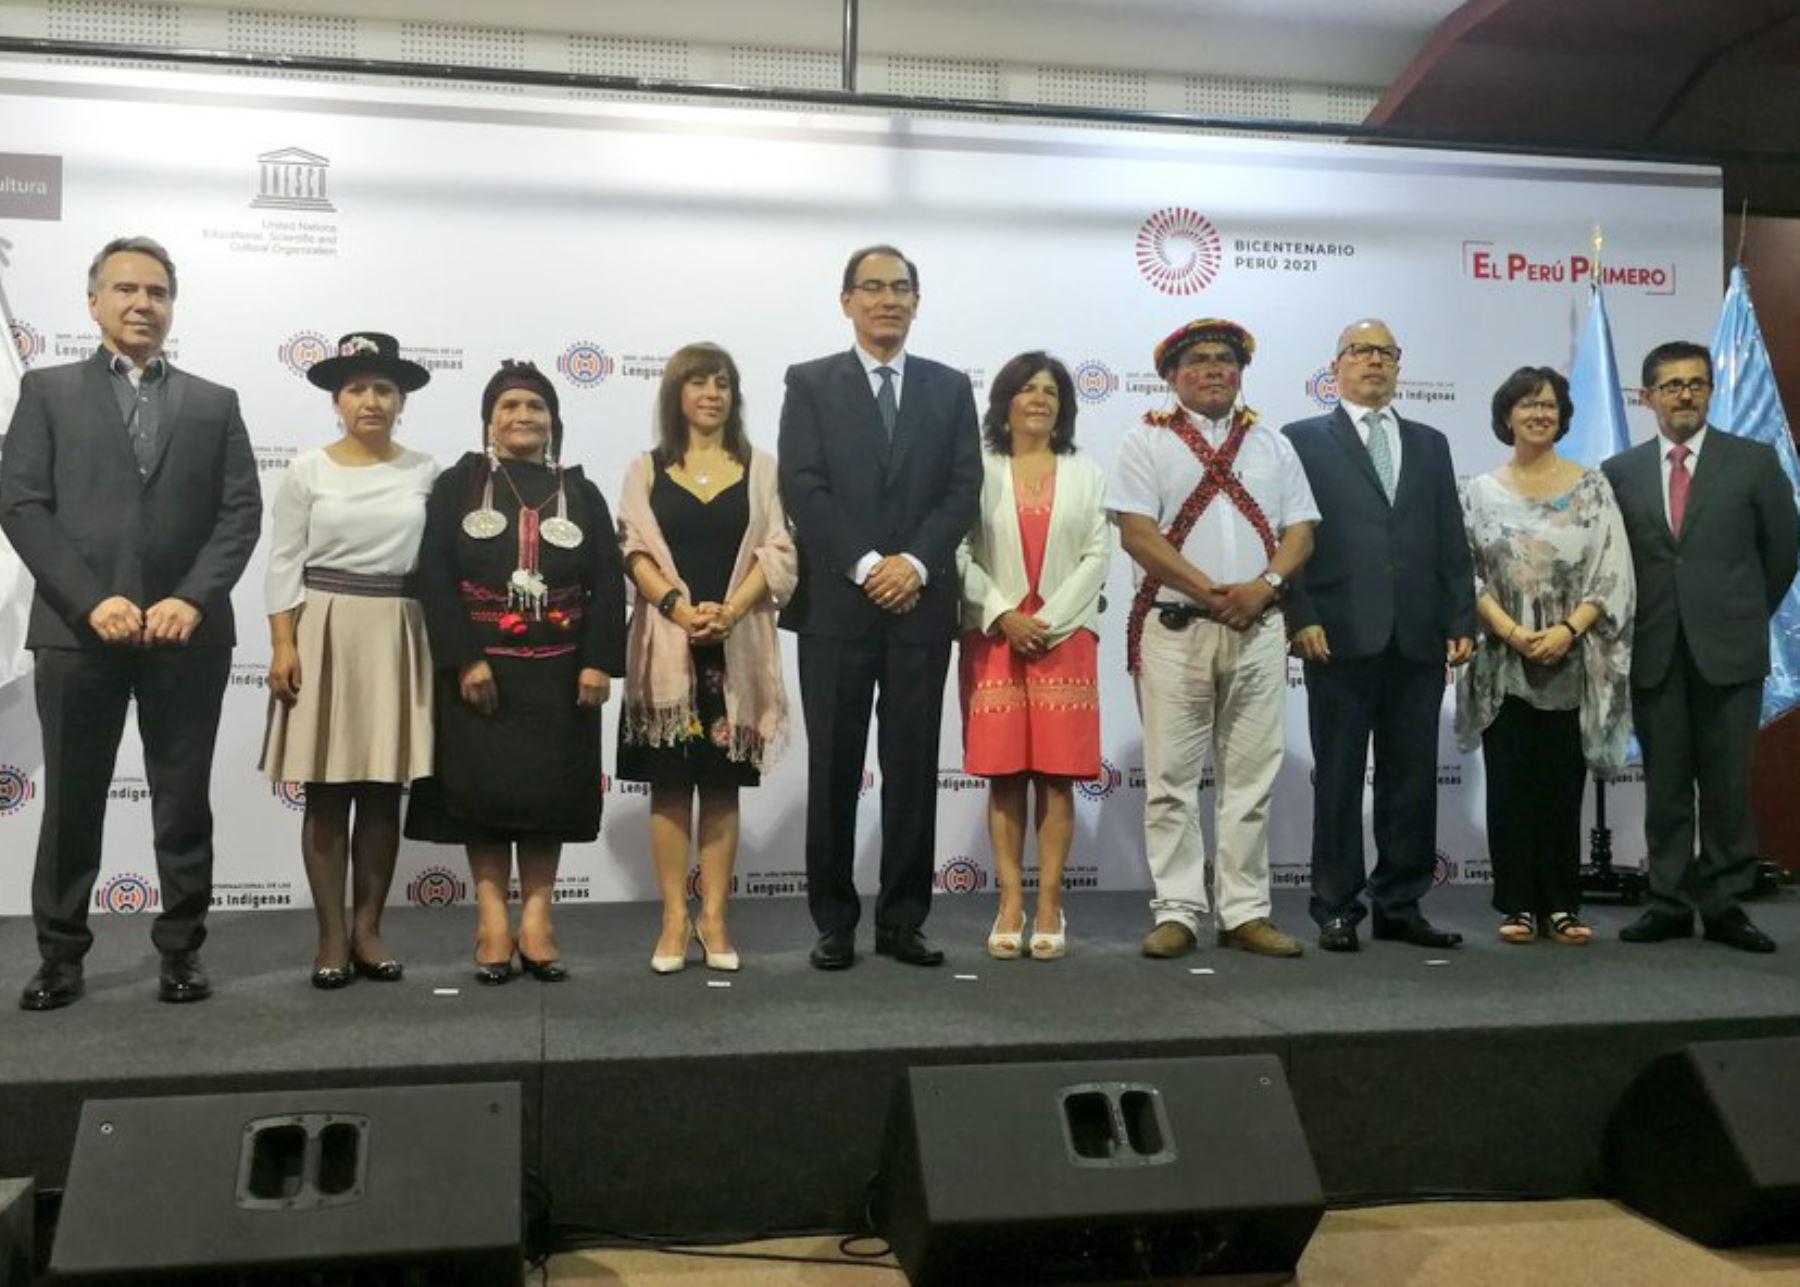 Presidente Martín Vizcarra asistió a ceremonia por el Año Internacional de las Lenguas Indígenas.